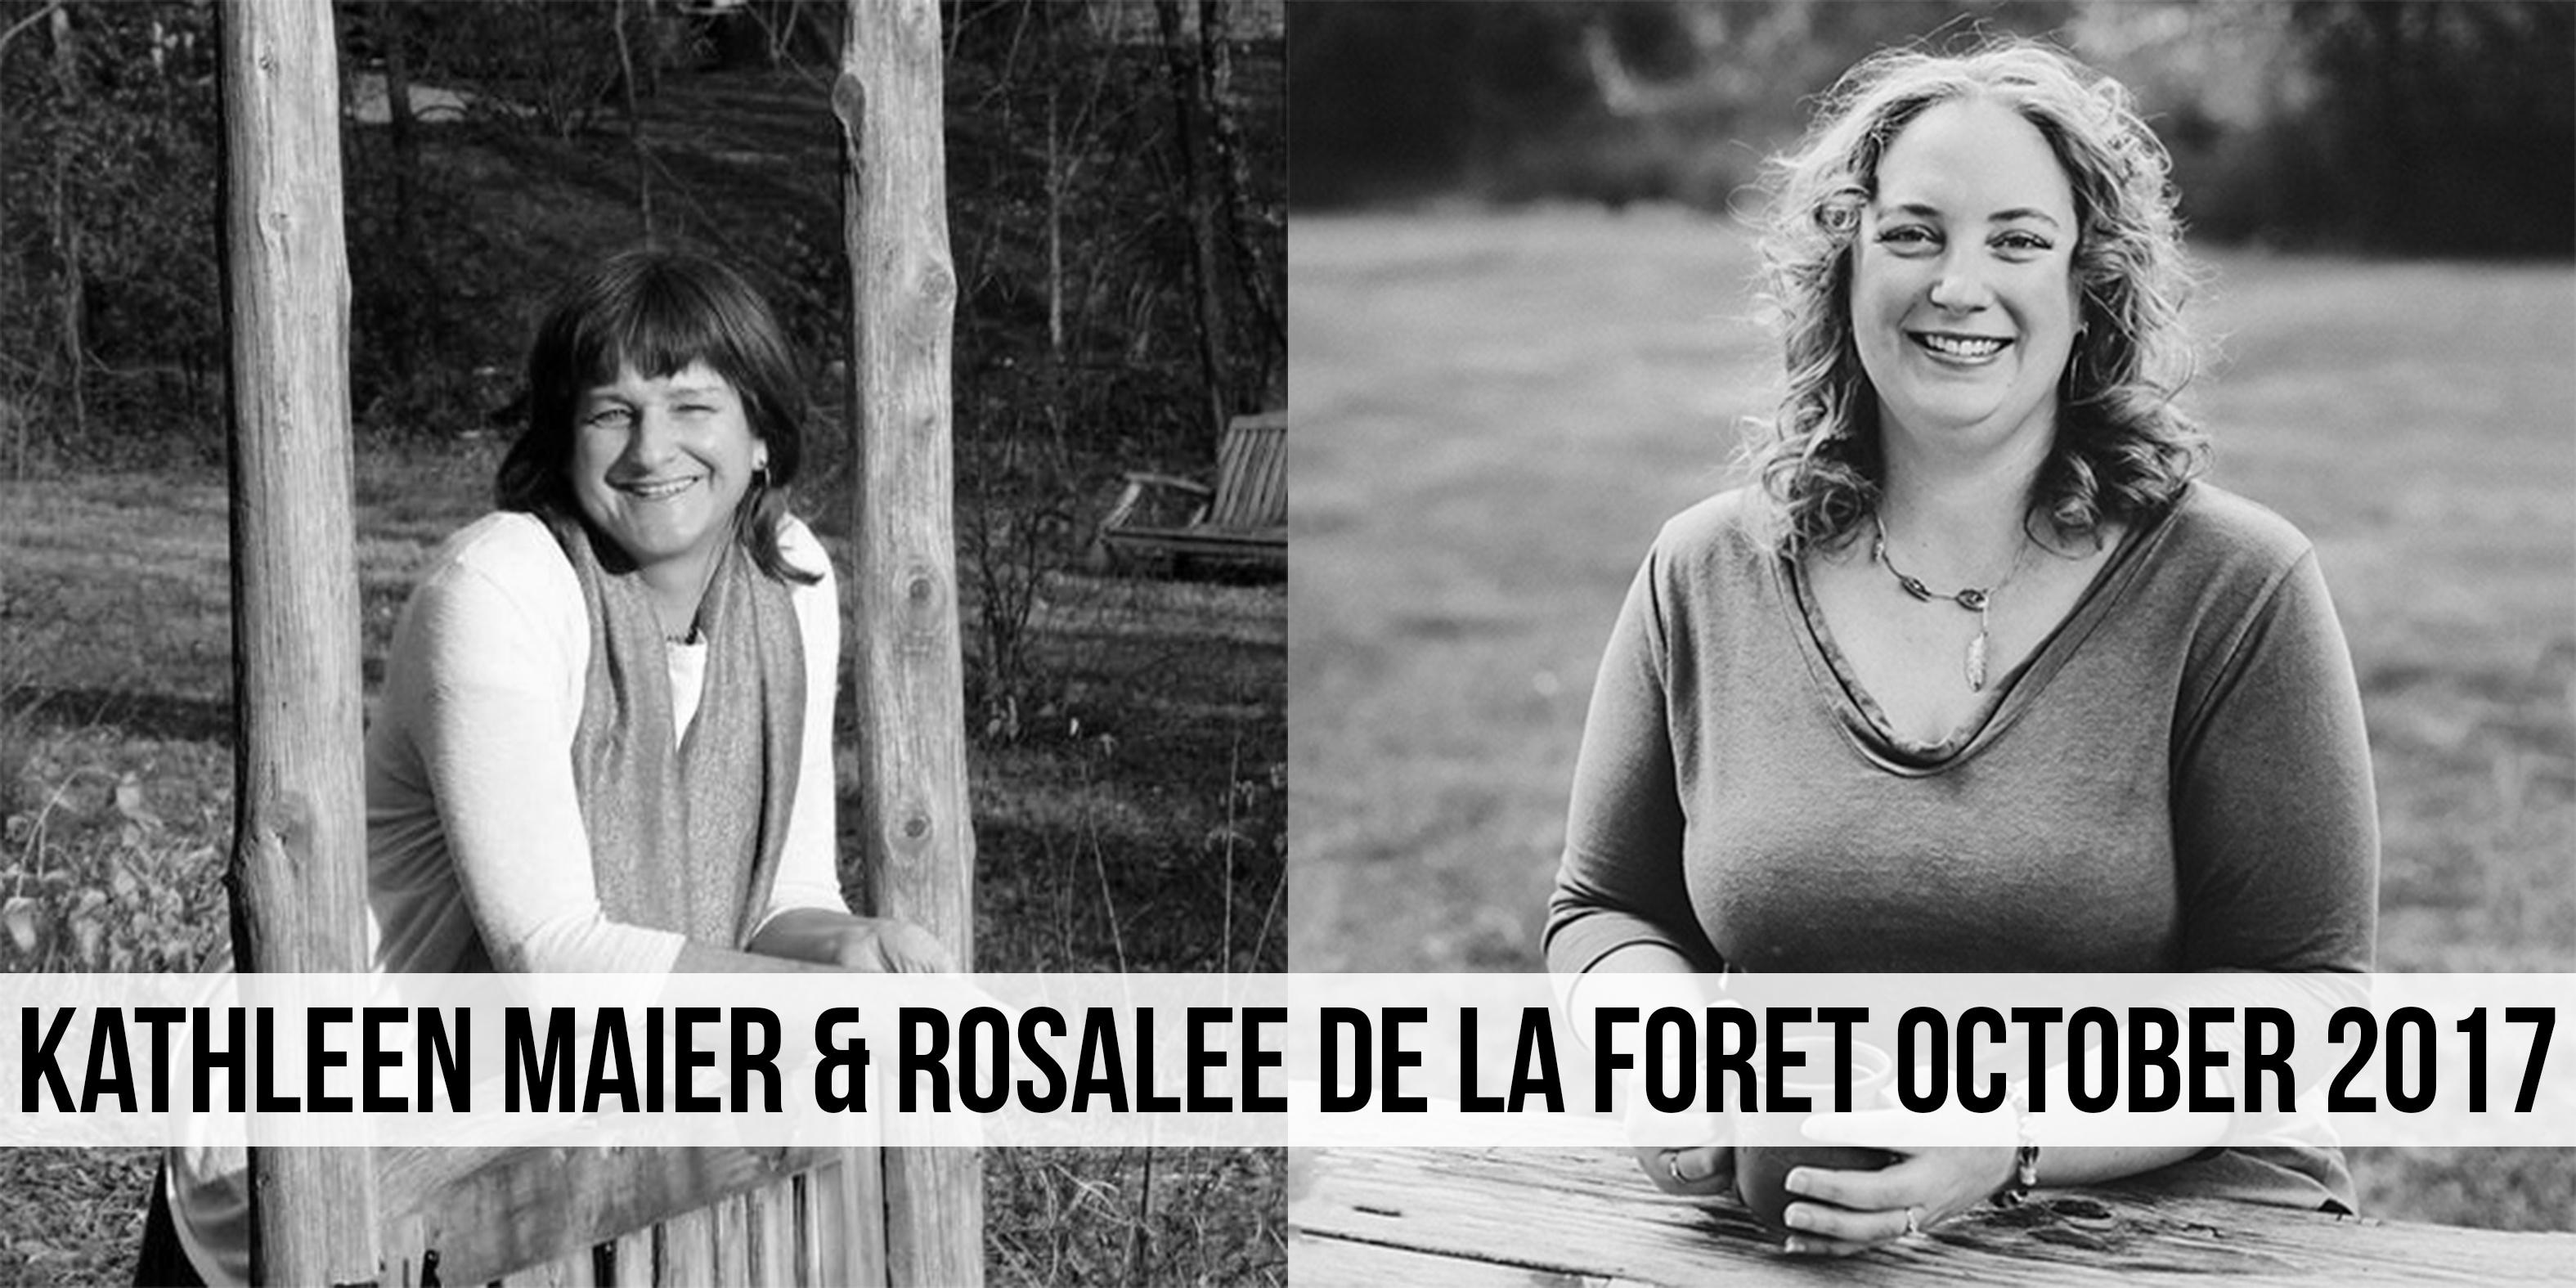 Kathleen Maier & Rosalee De La Foret October 2017